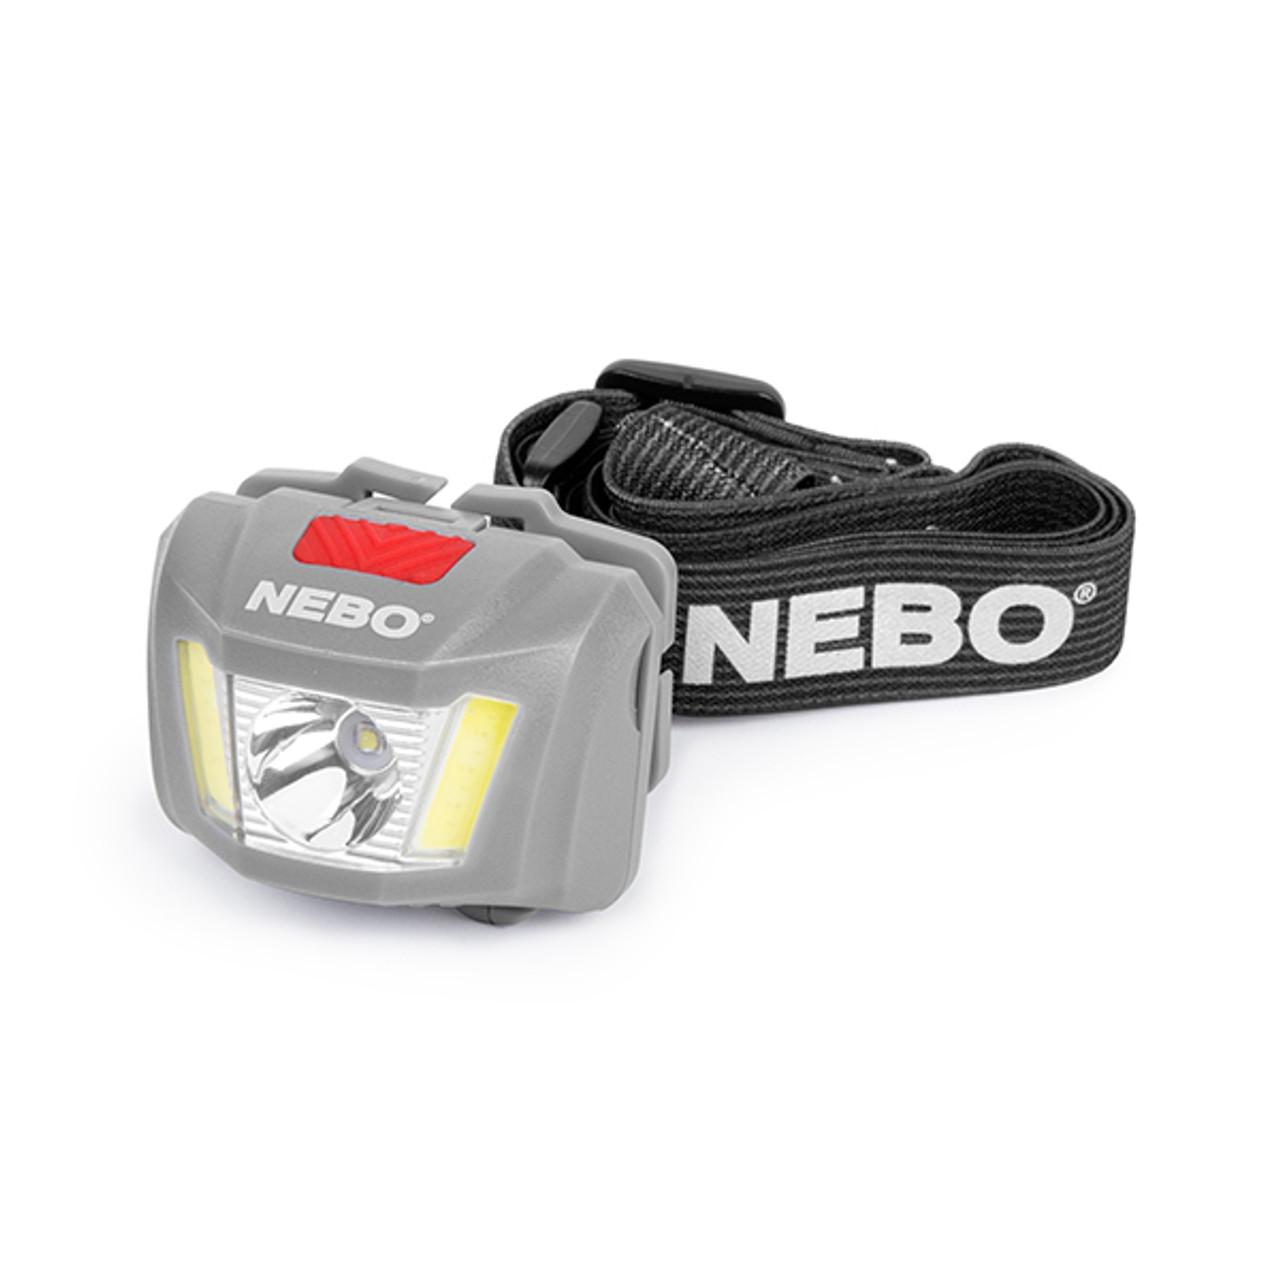 Nebo® NEBO® DUO Headlamp